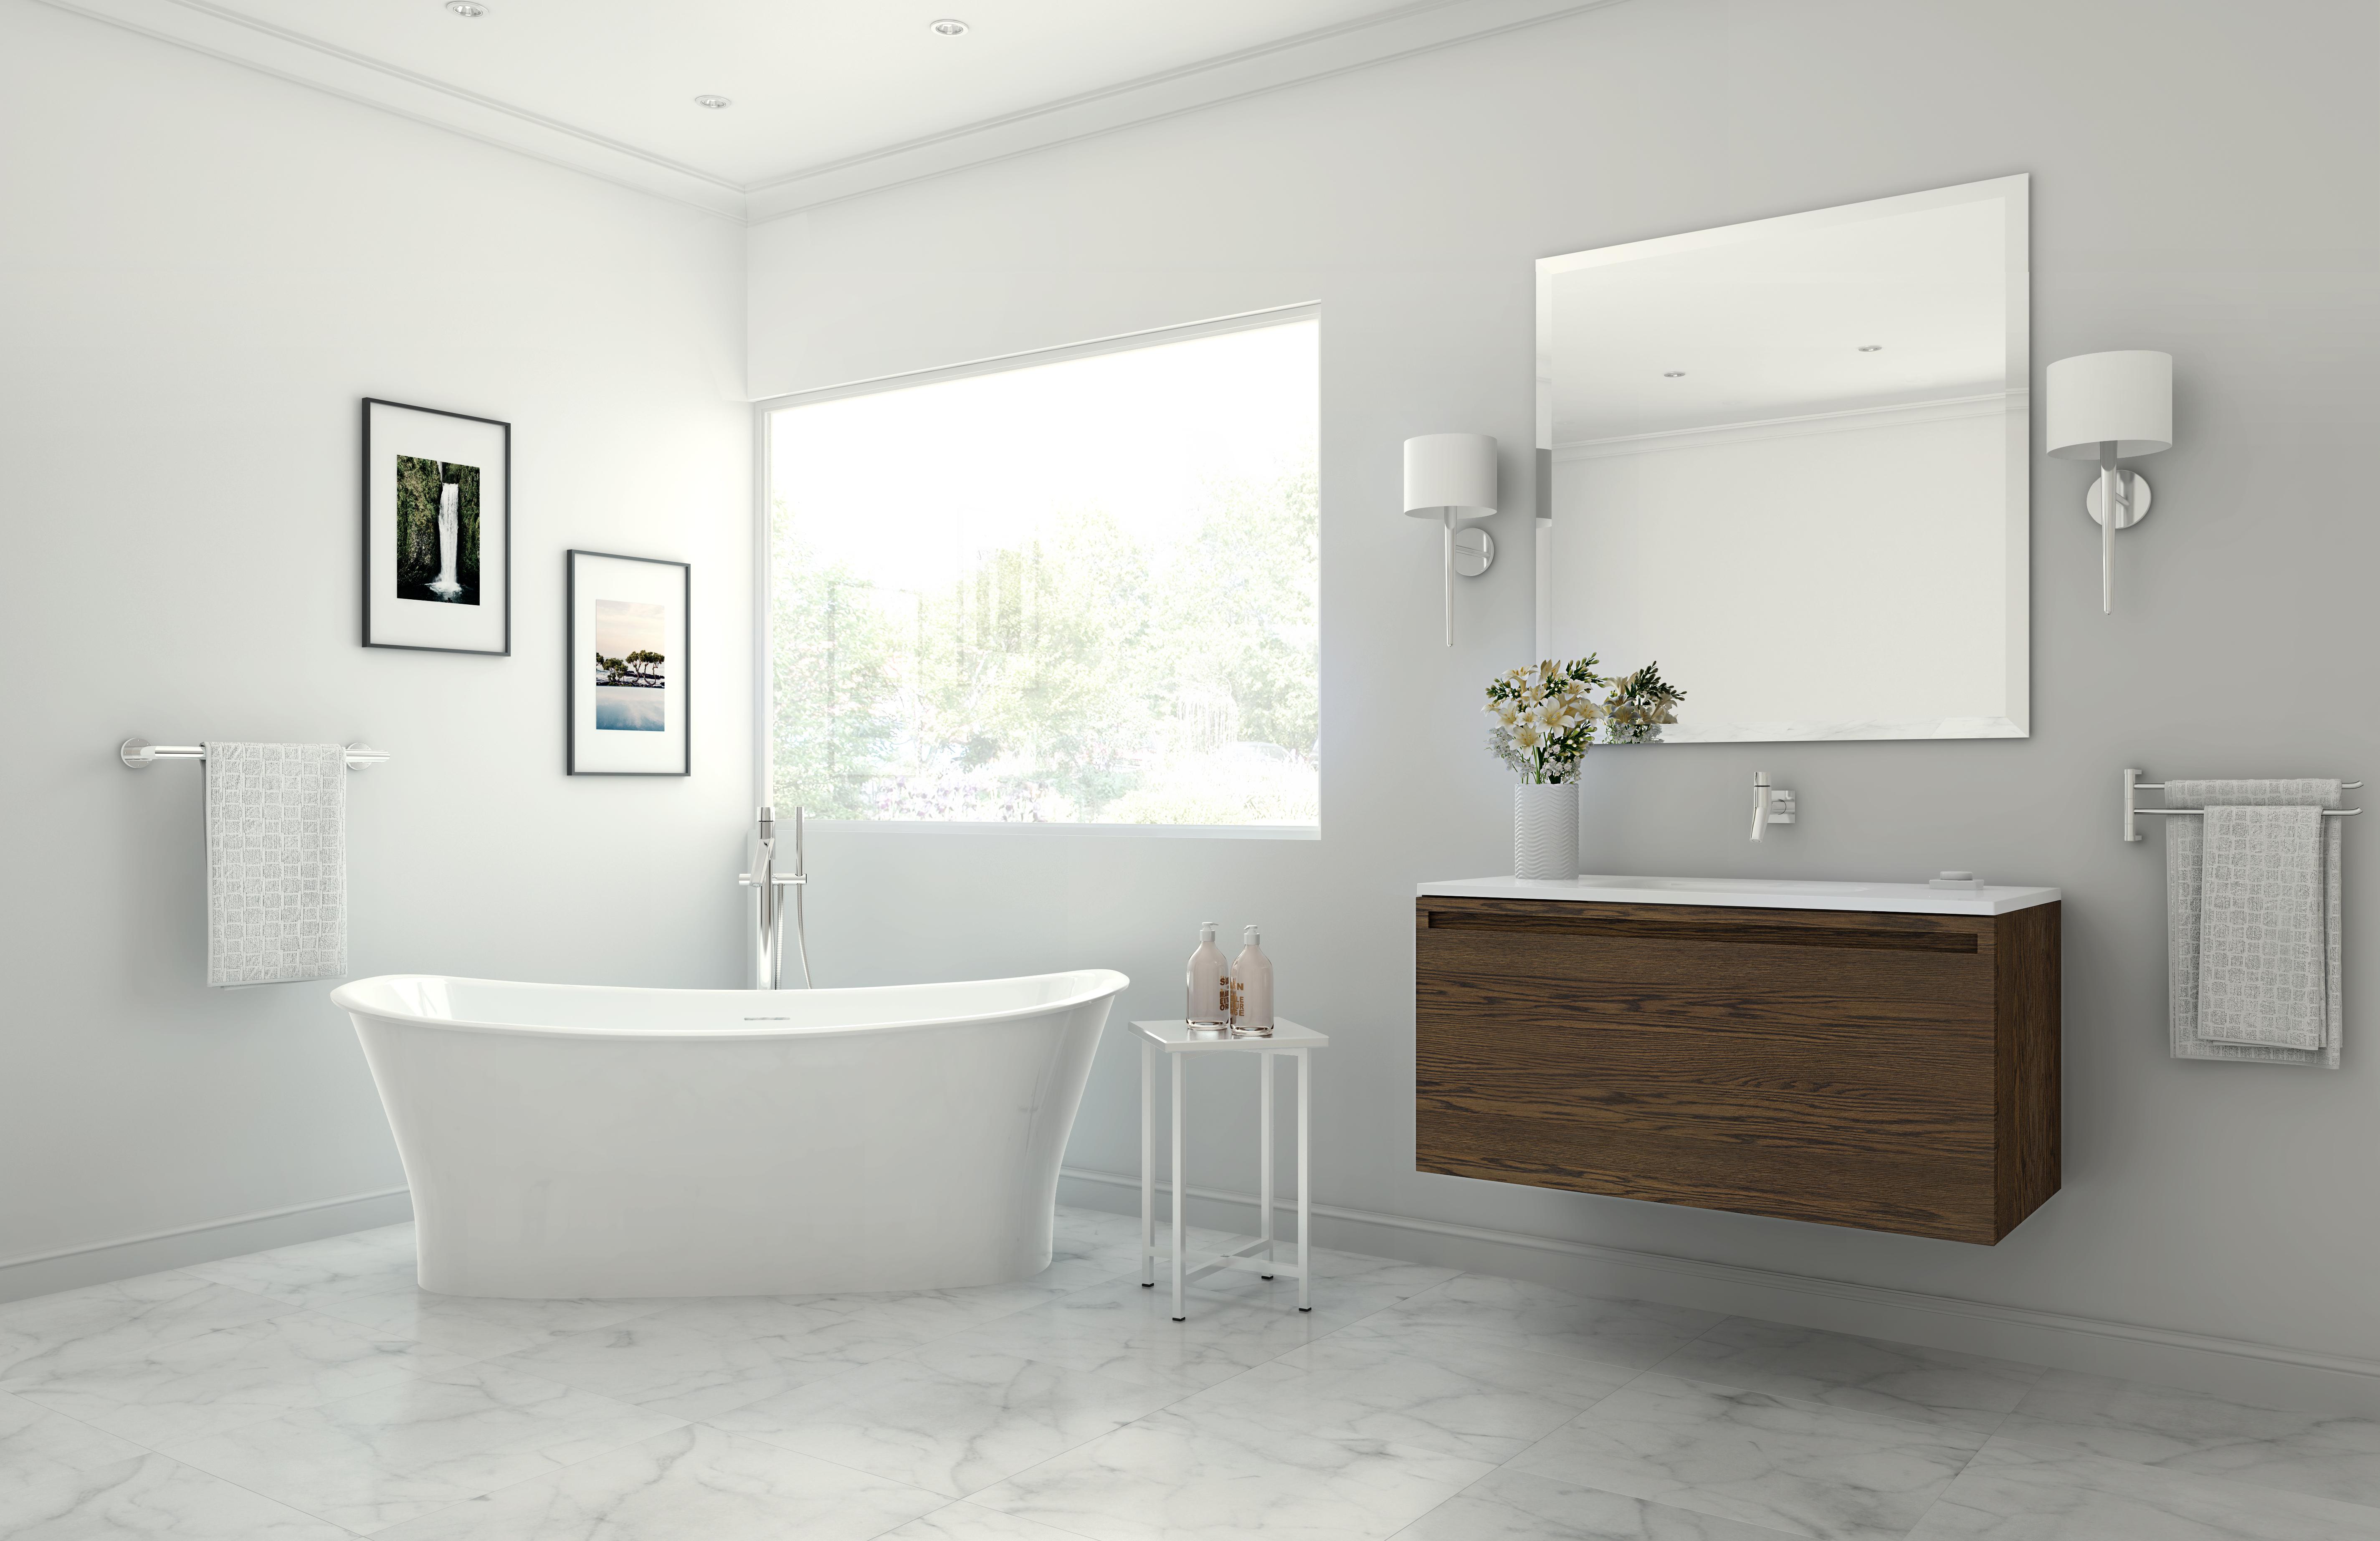 Comment déterminer le style de votre salle de bain | WETSTYLE